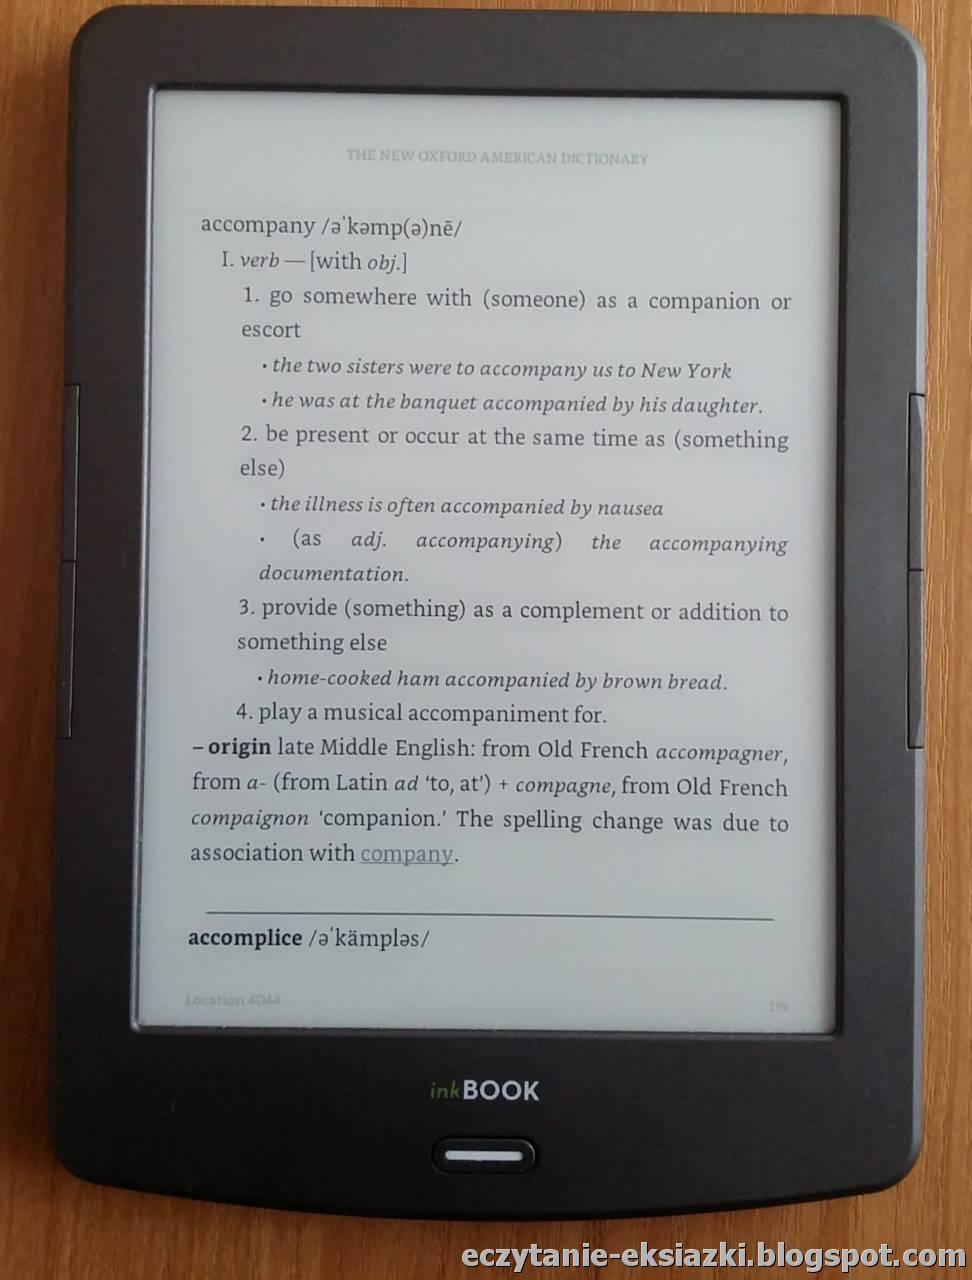 Aplikacja Kindle na InkBOOK Classic 2 - słownik w trybie pełnoekranowym